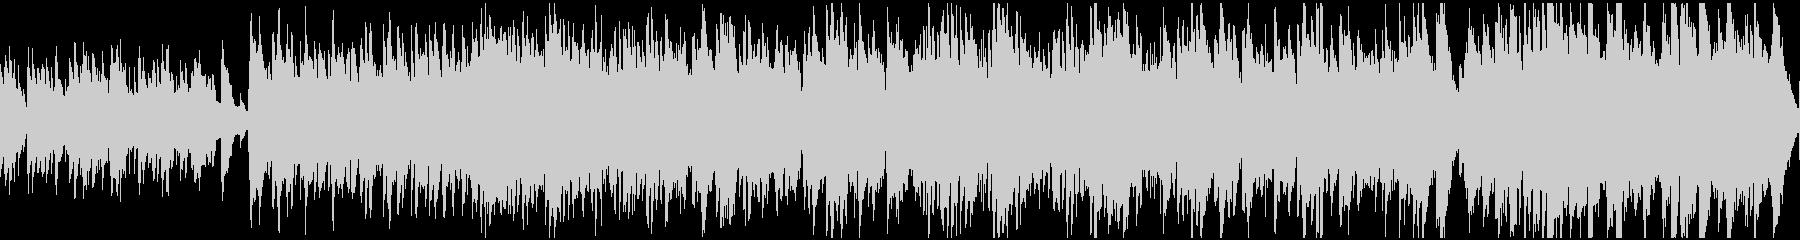 おだやかなケルト曲(ループ)の未再生の波形